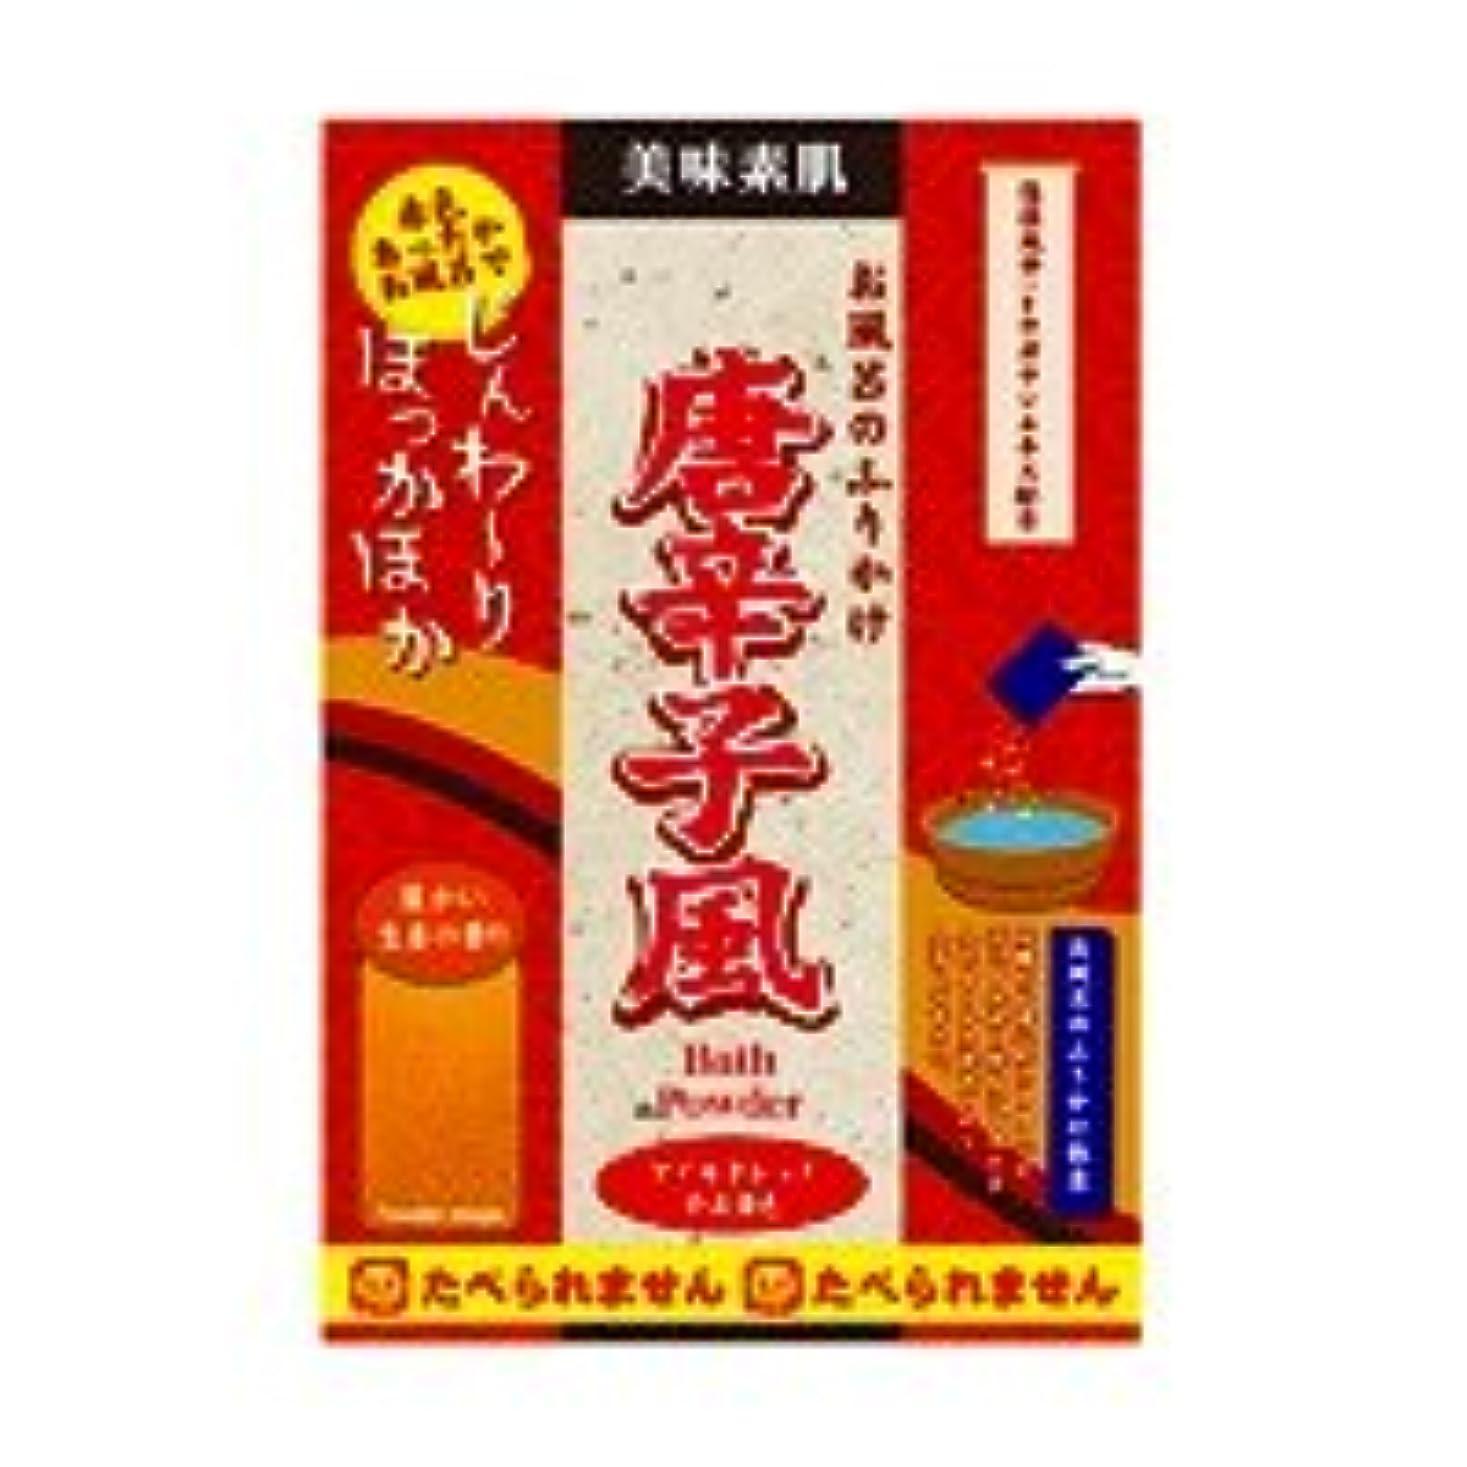 のホストみ国歌お風呂のふりかけ「トウガラシ」12個セット マイルドレッドのお湯 温かい生姜の香り